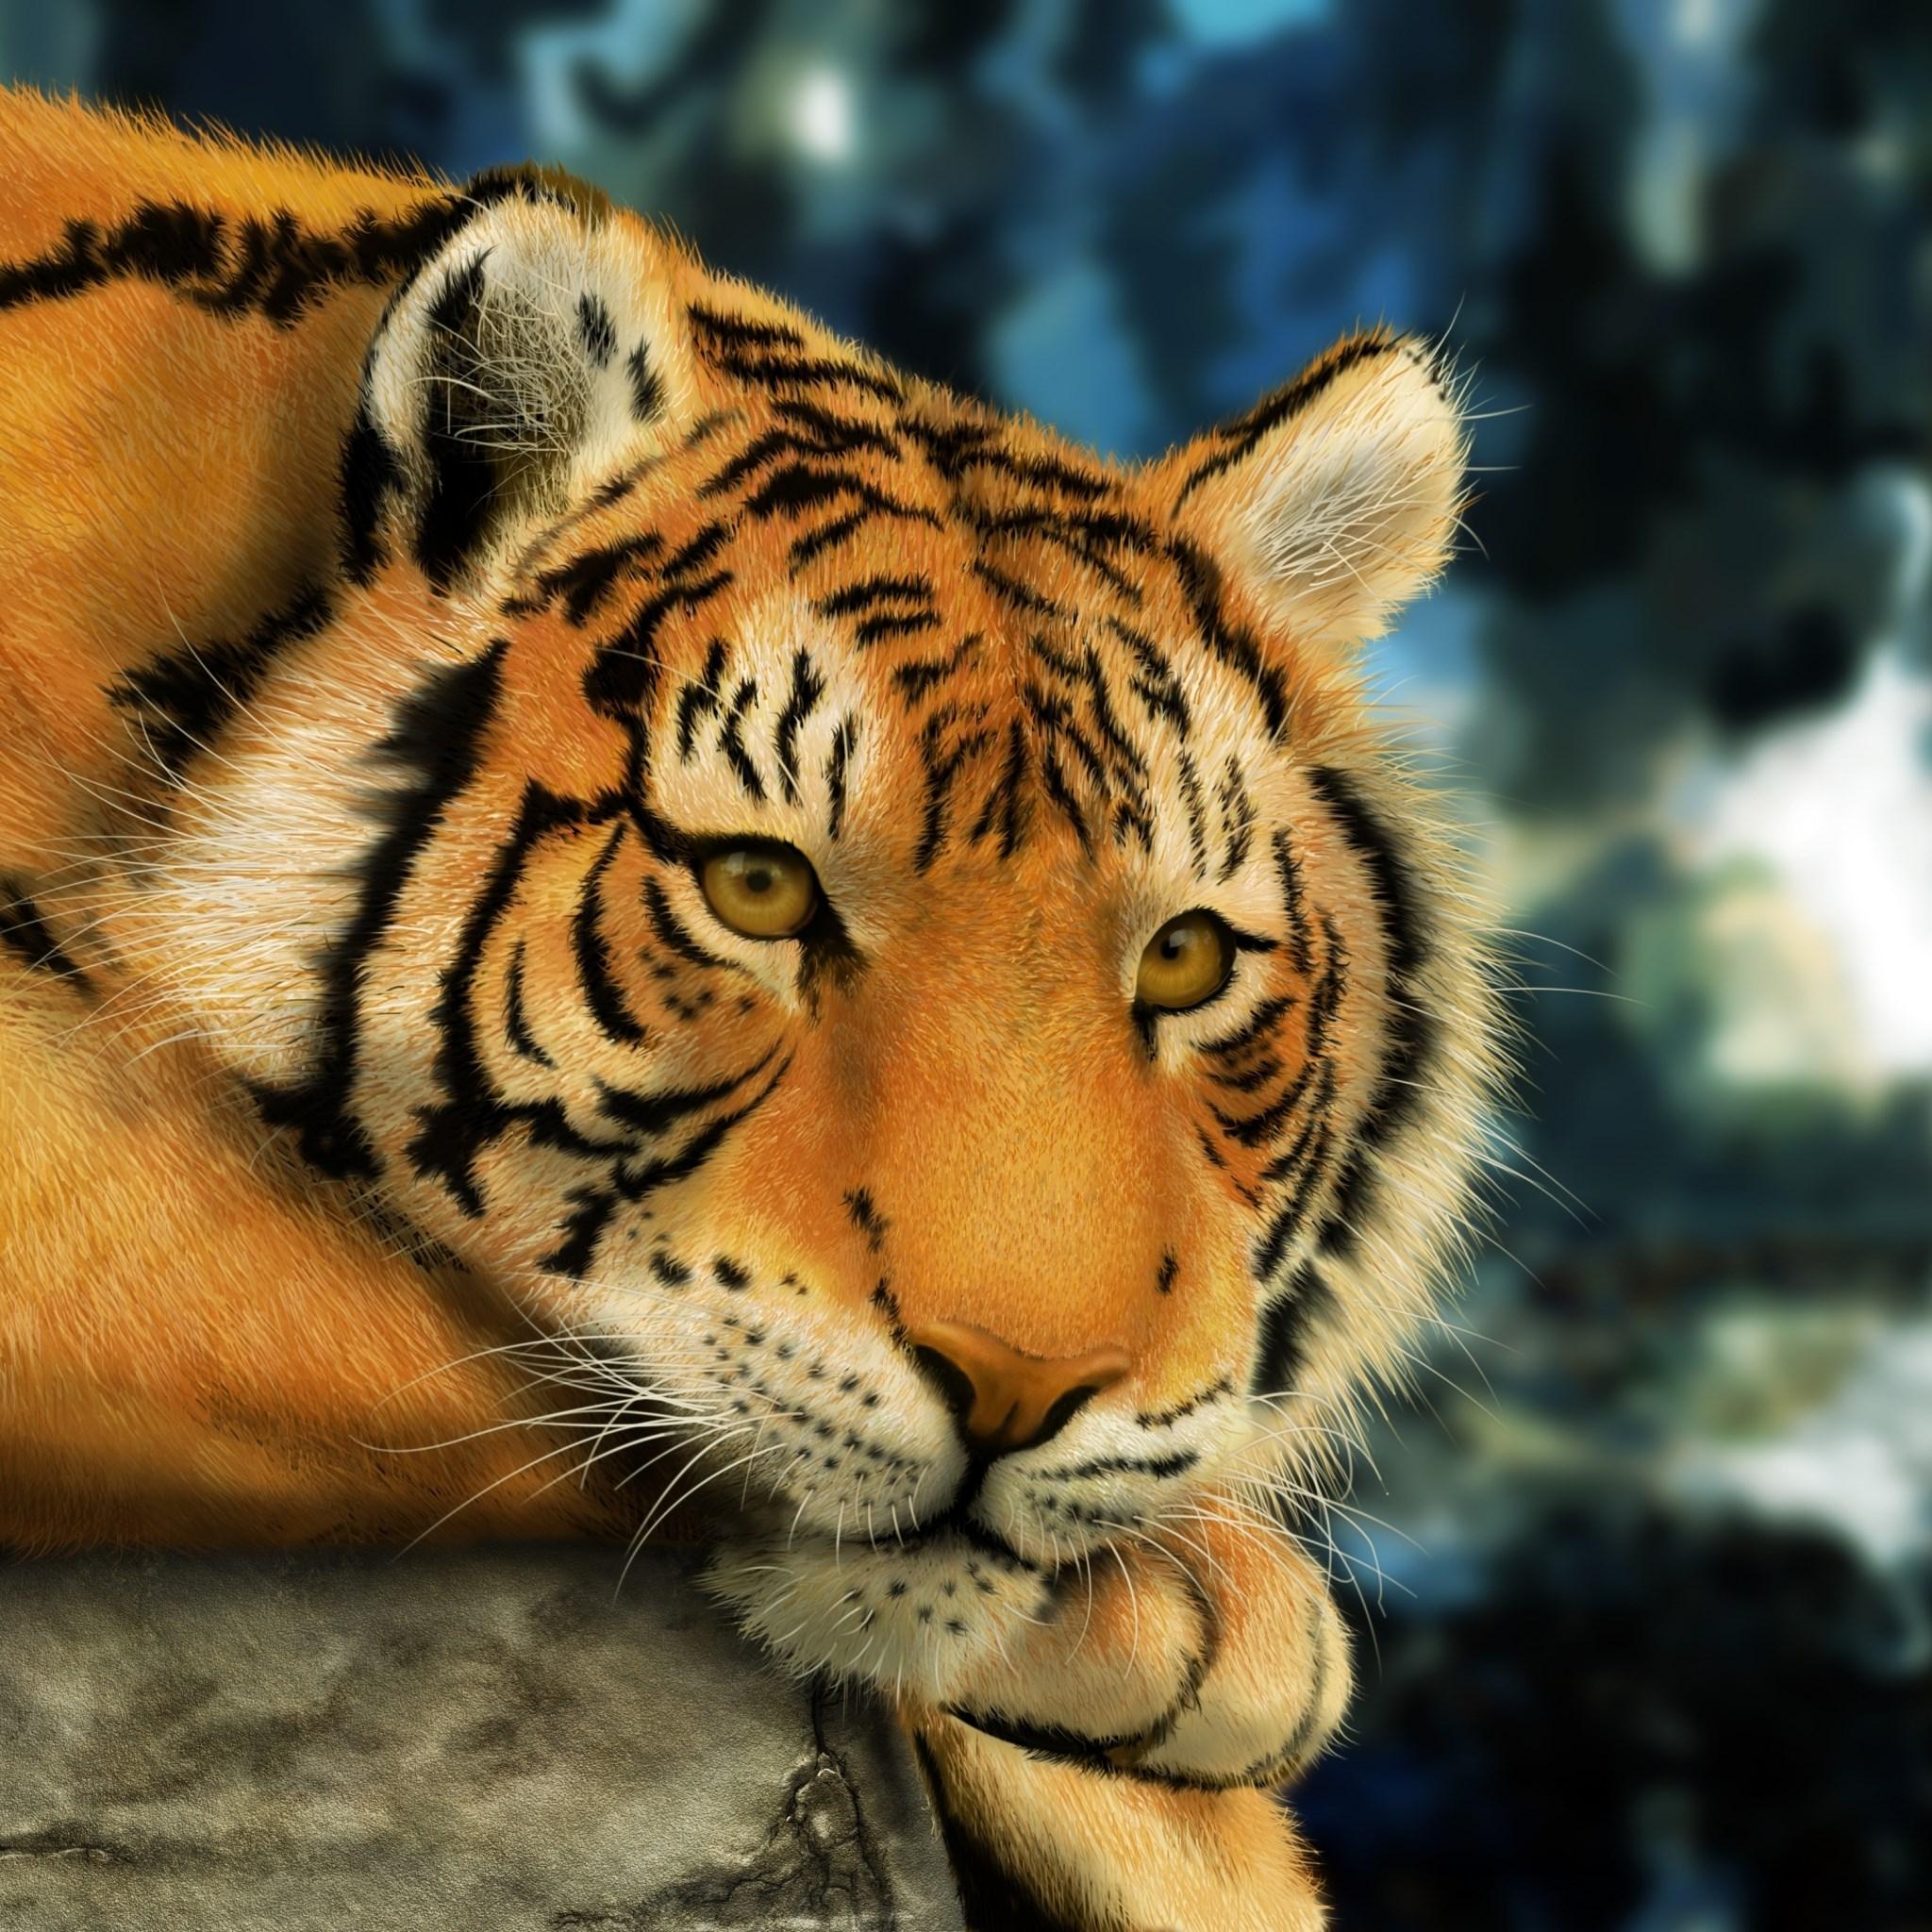 萌宠老虎图片大全可爱